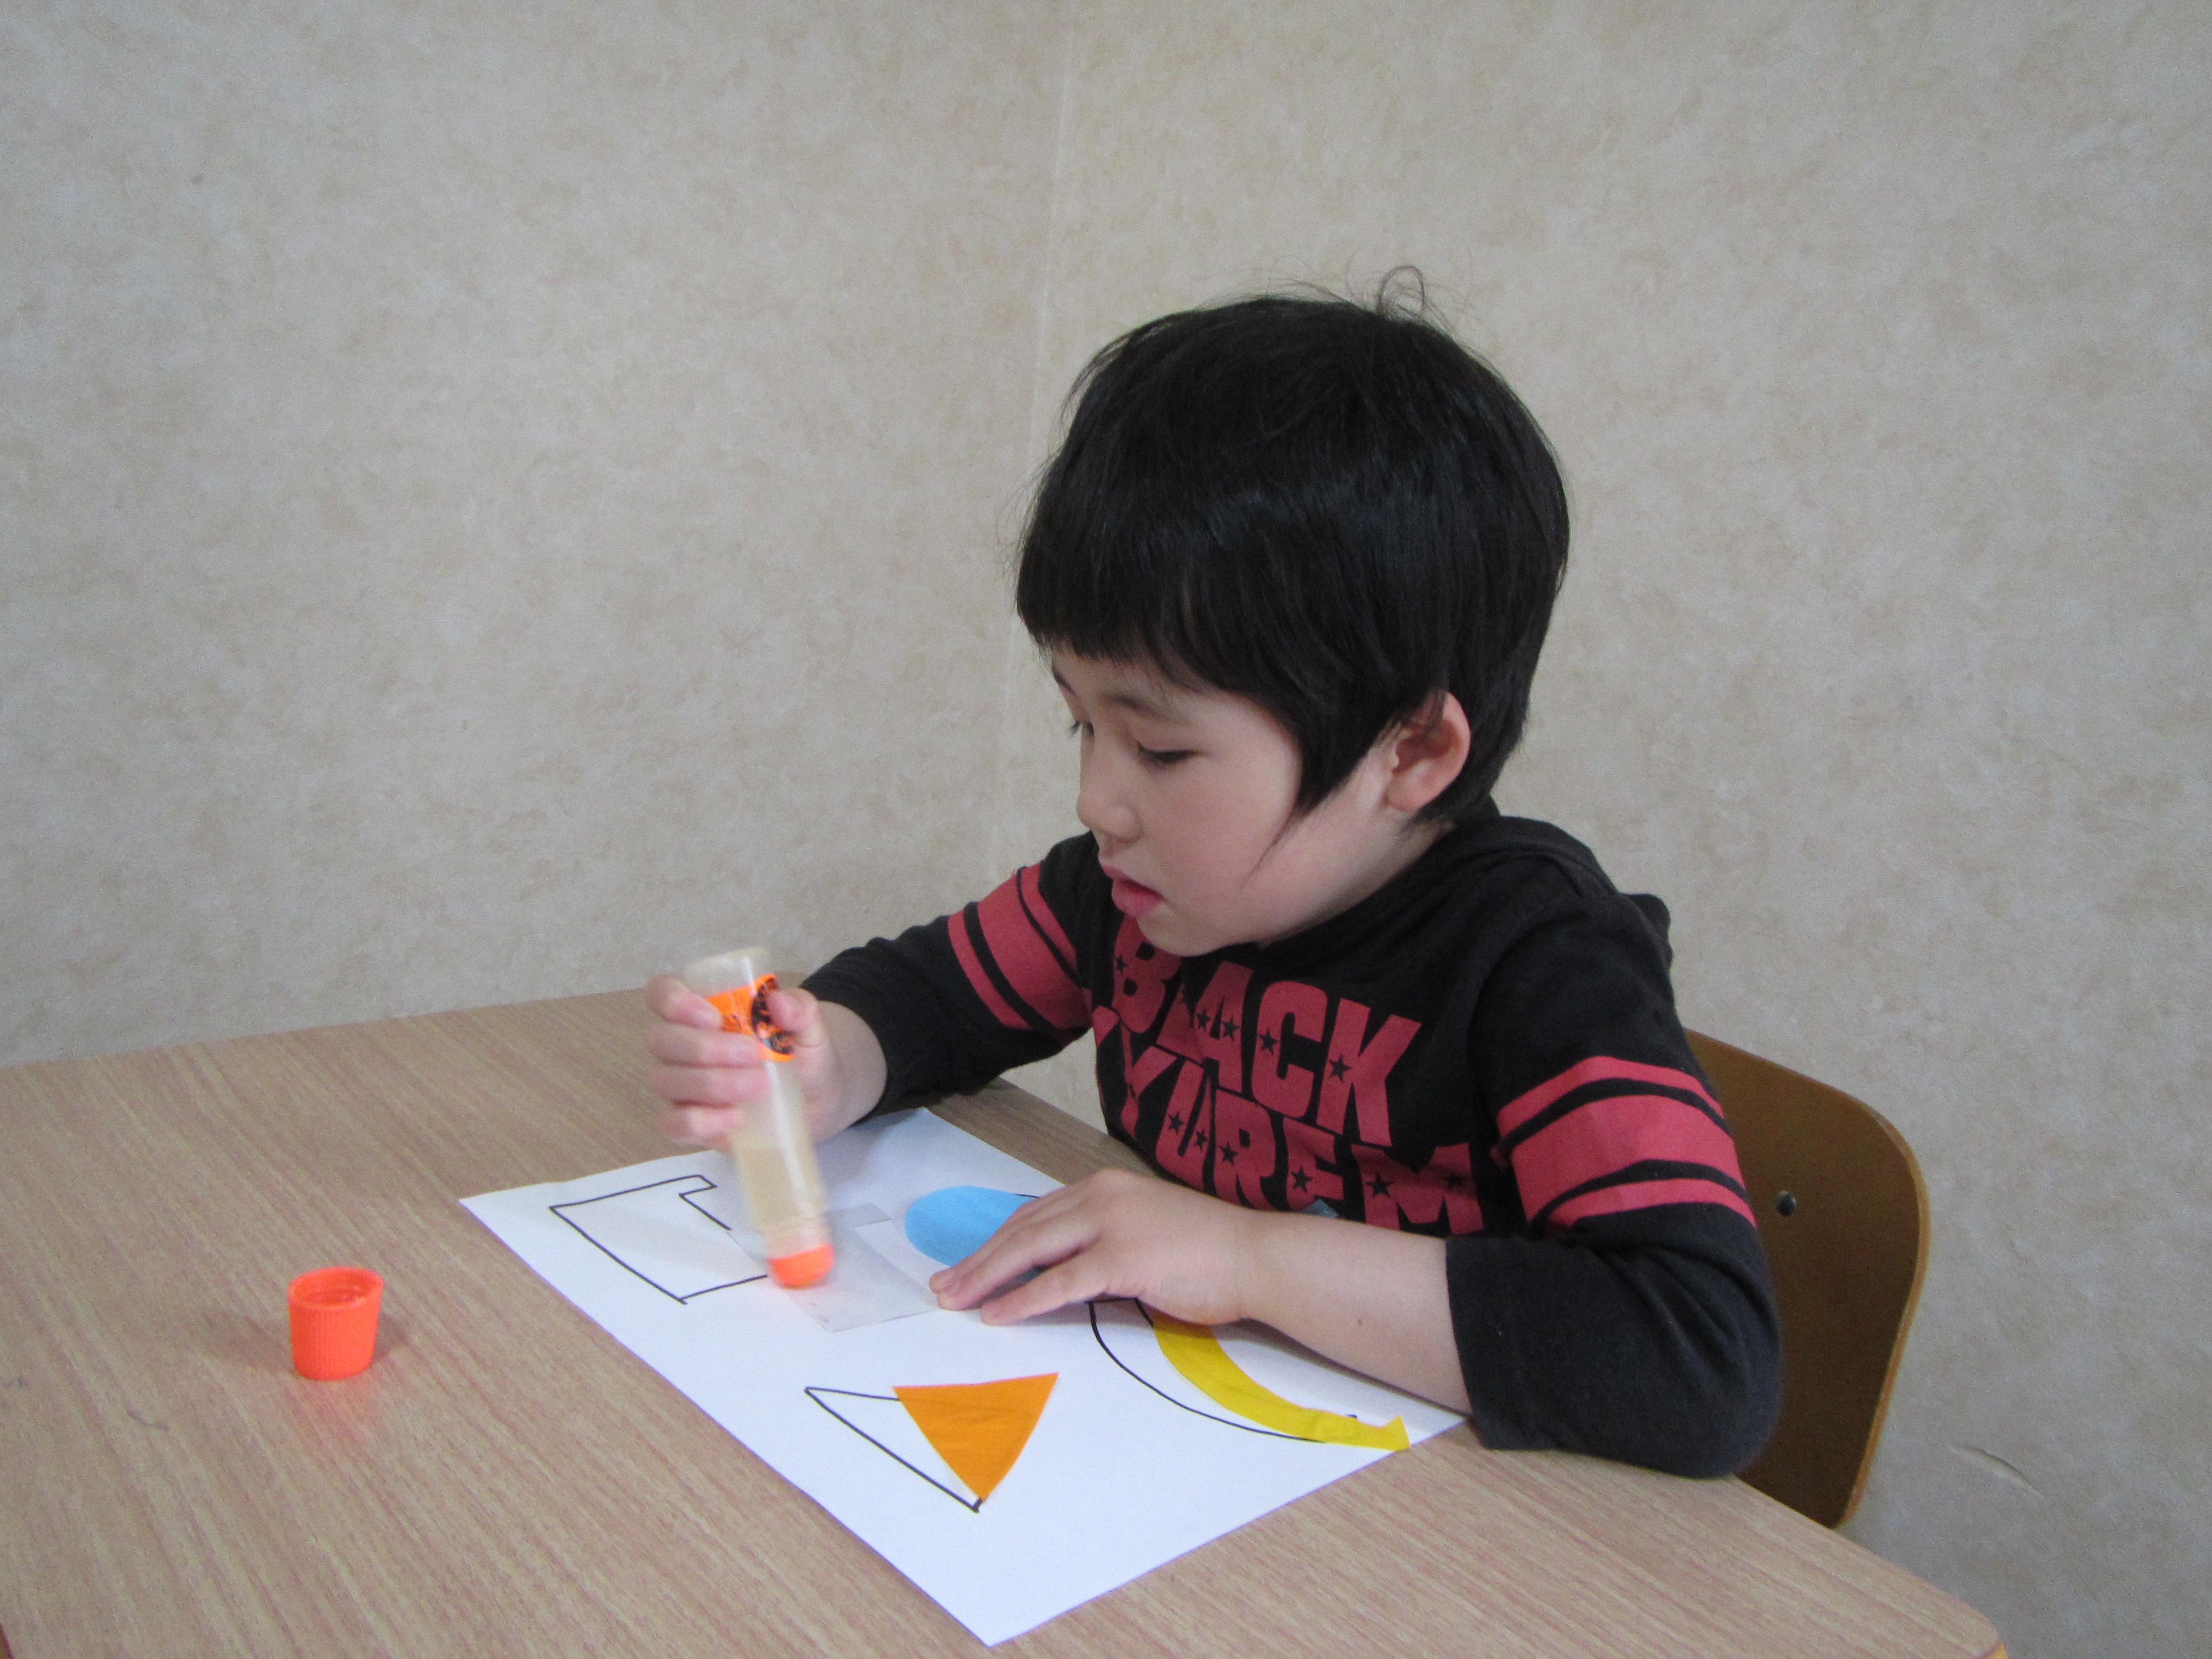 毎日のお勉強 一年生のお友達も楽しく勉強。